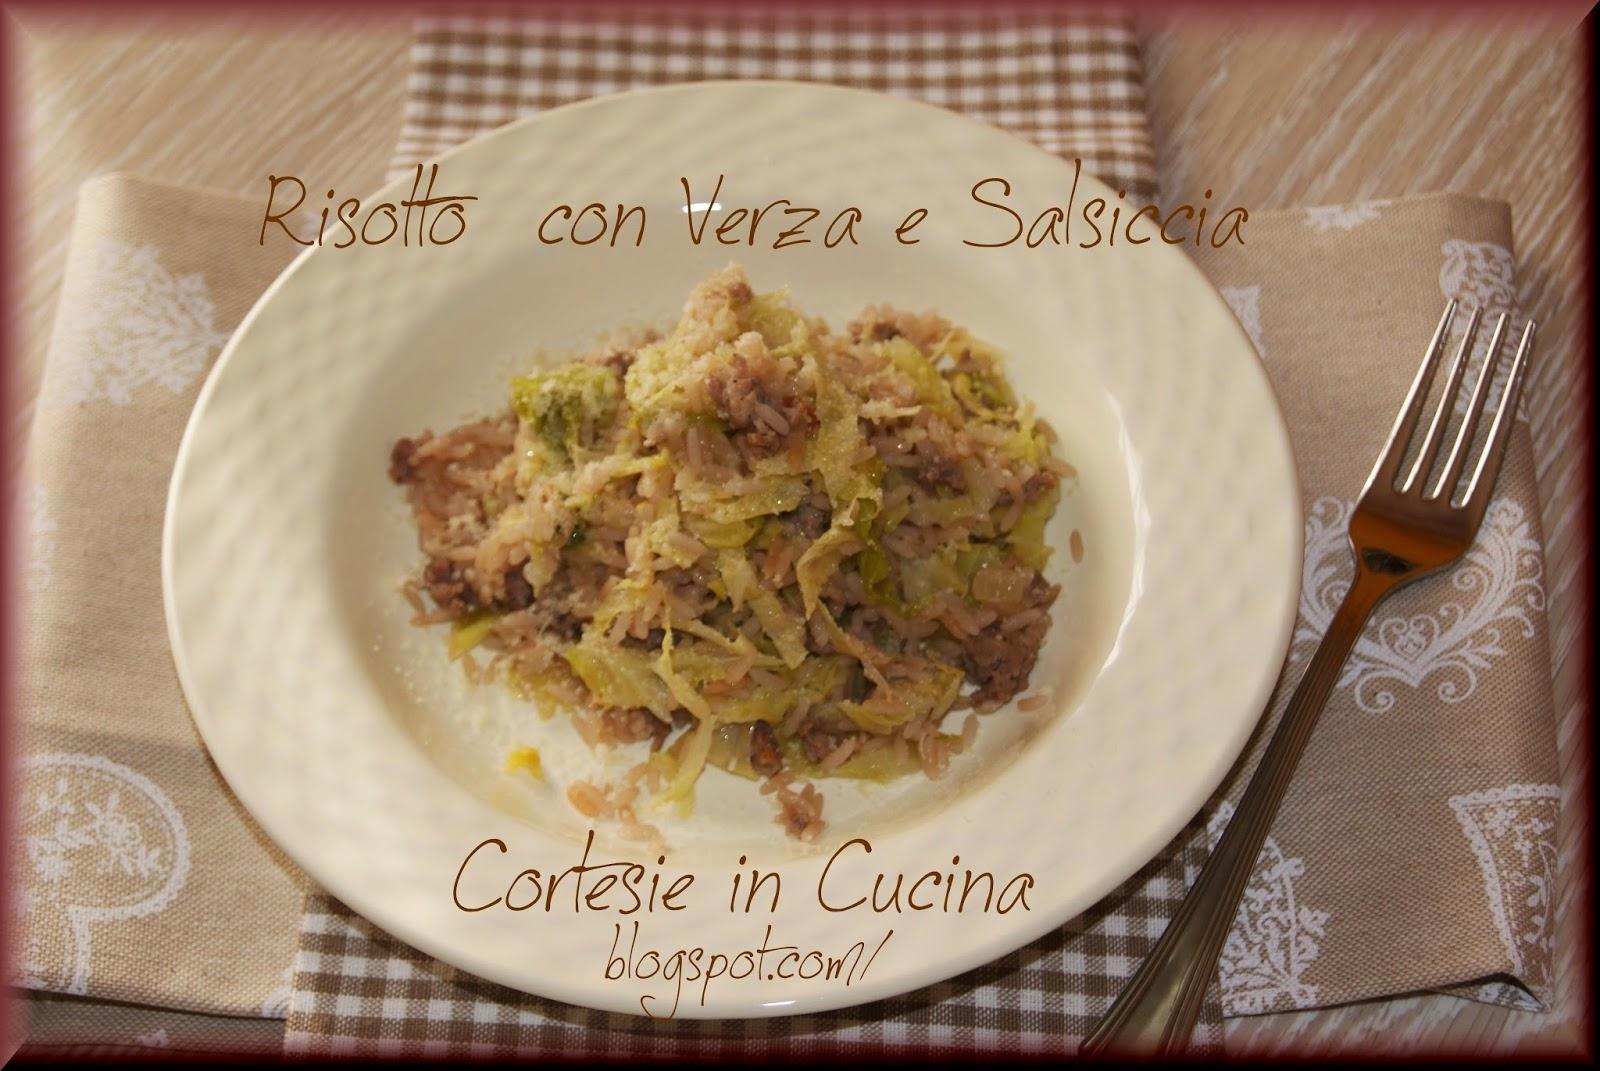 risotto con verza e salsiccia